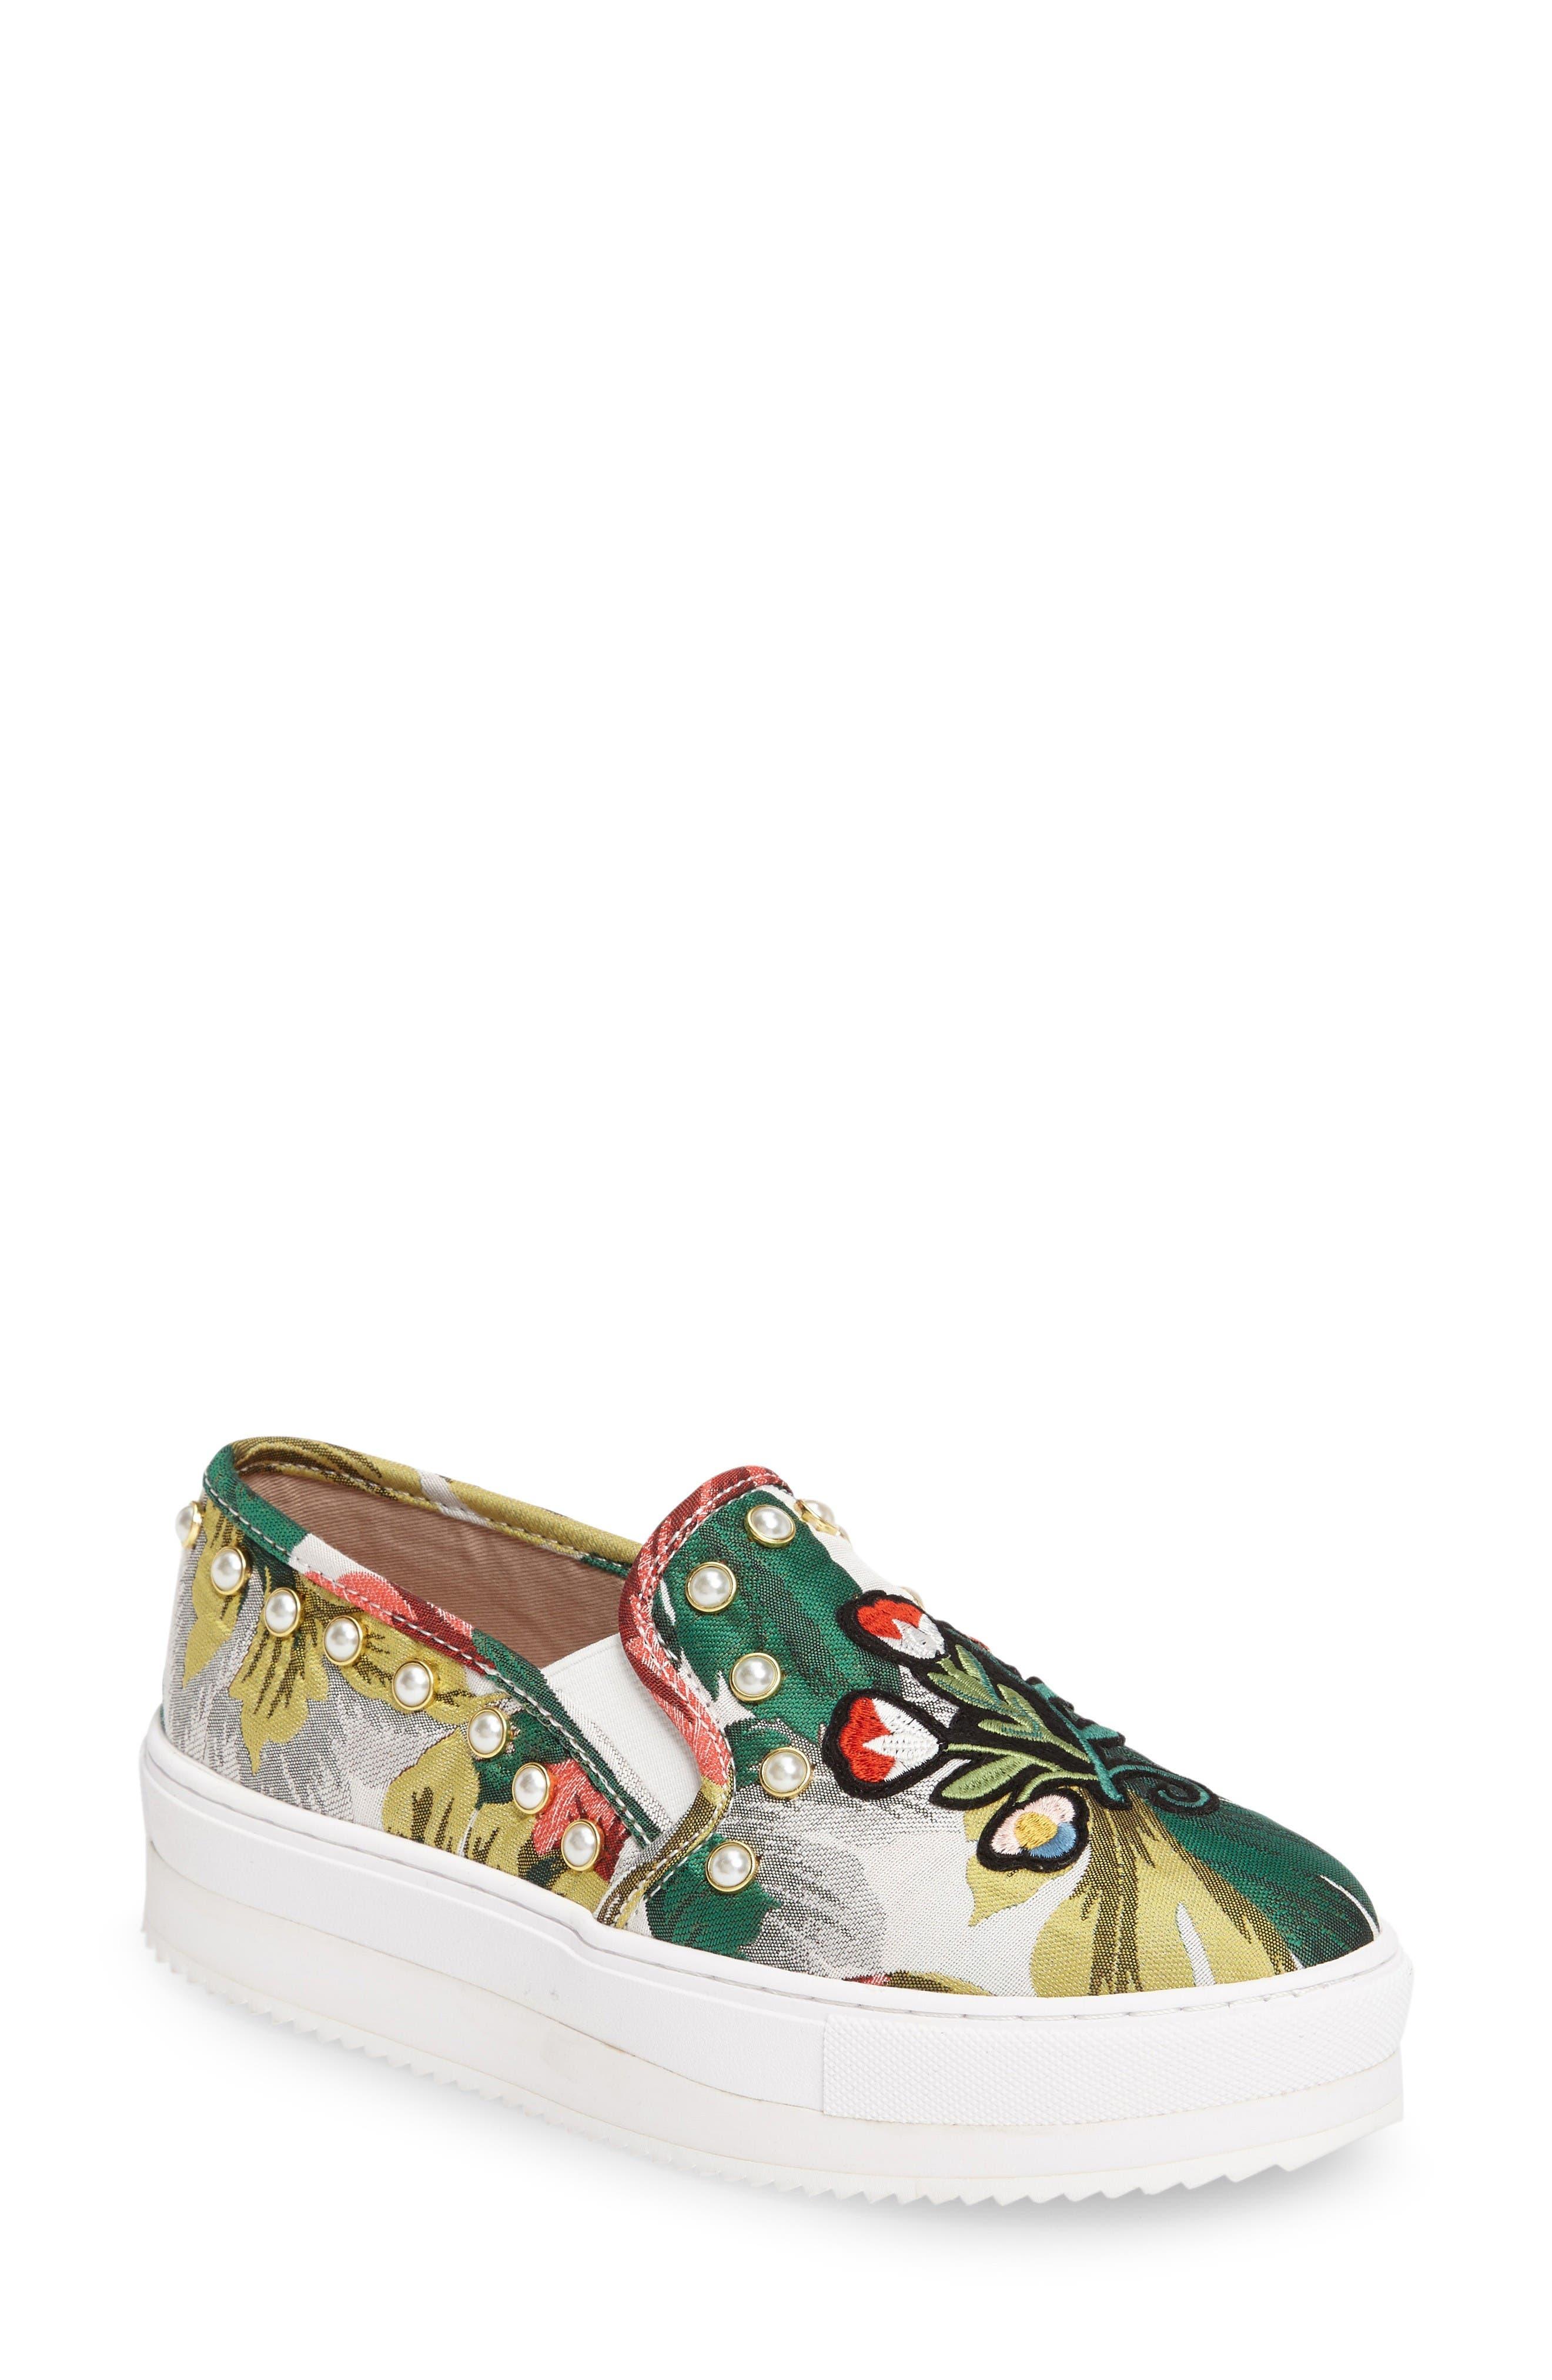 Alternate Image 1 Selected - Steve Madden Slick-P Platform Slip-On Sneaker (Women)